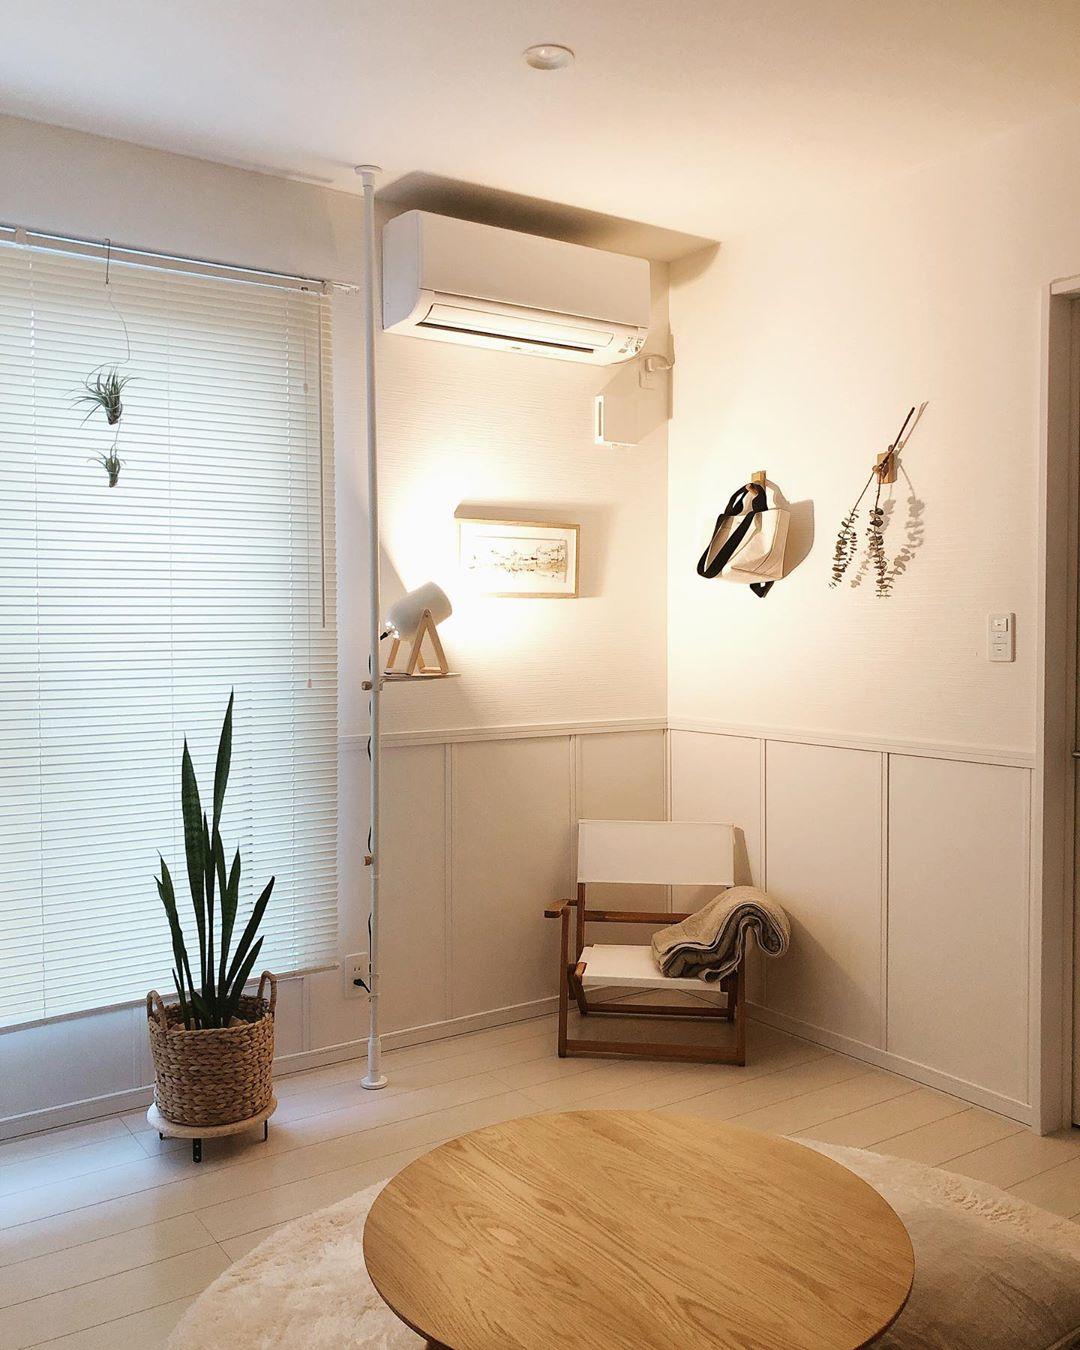 IKEAのアウトドアチェアは、折り畳みもできてさらに小型なので場所をとらずに使えます。座椅子よりもちょっぴりおしゃれで、ビーズクッションよりも場所をとらないサイズ感がいいですね。